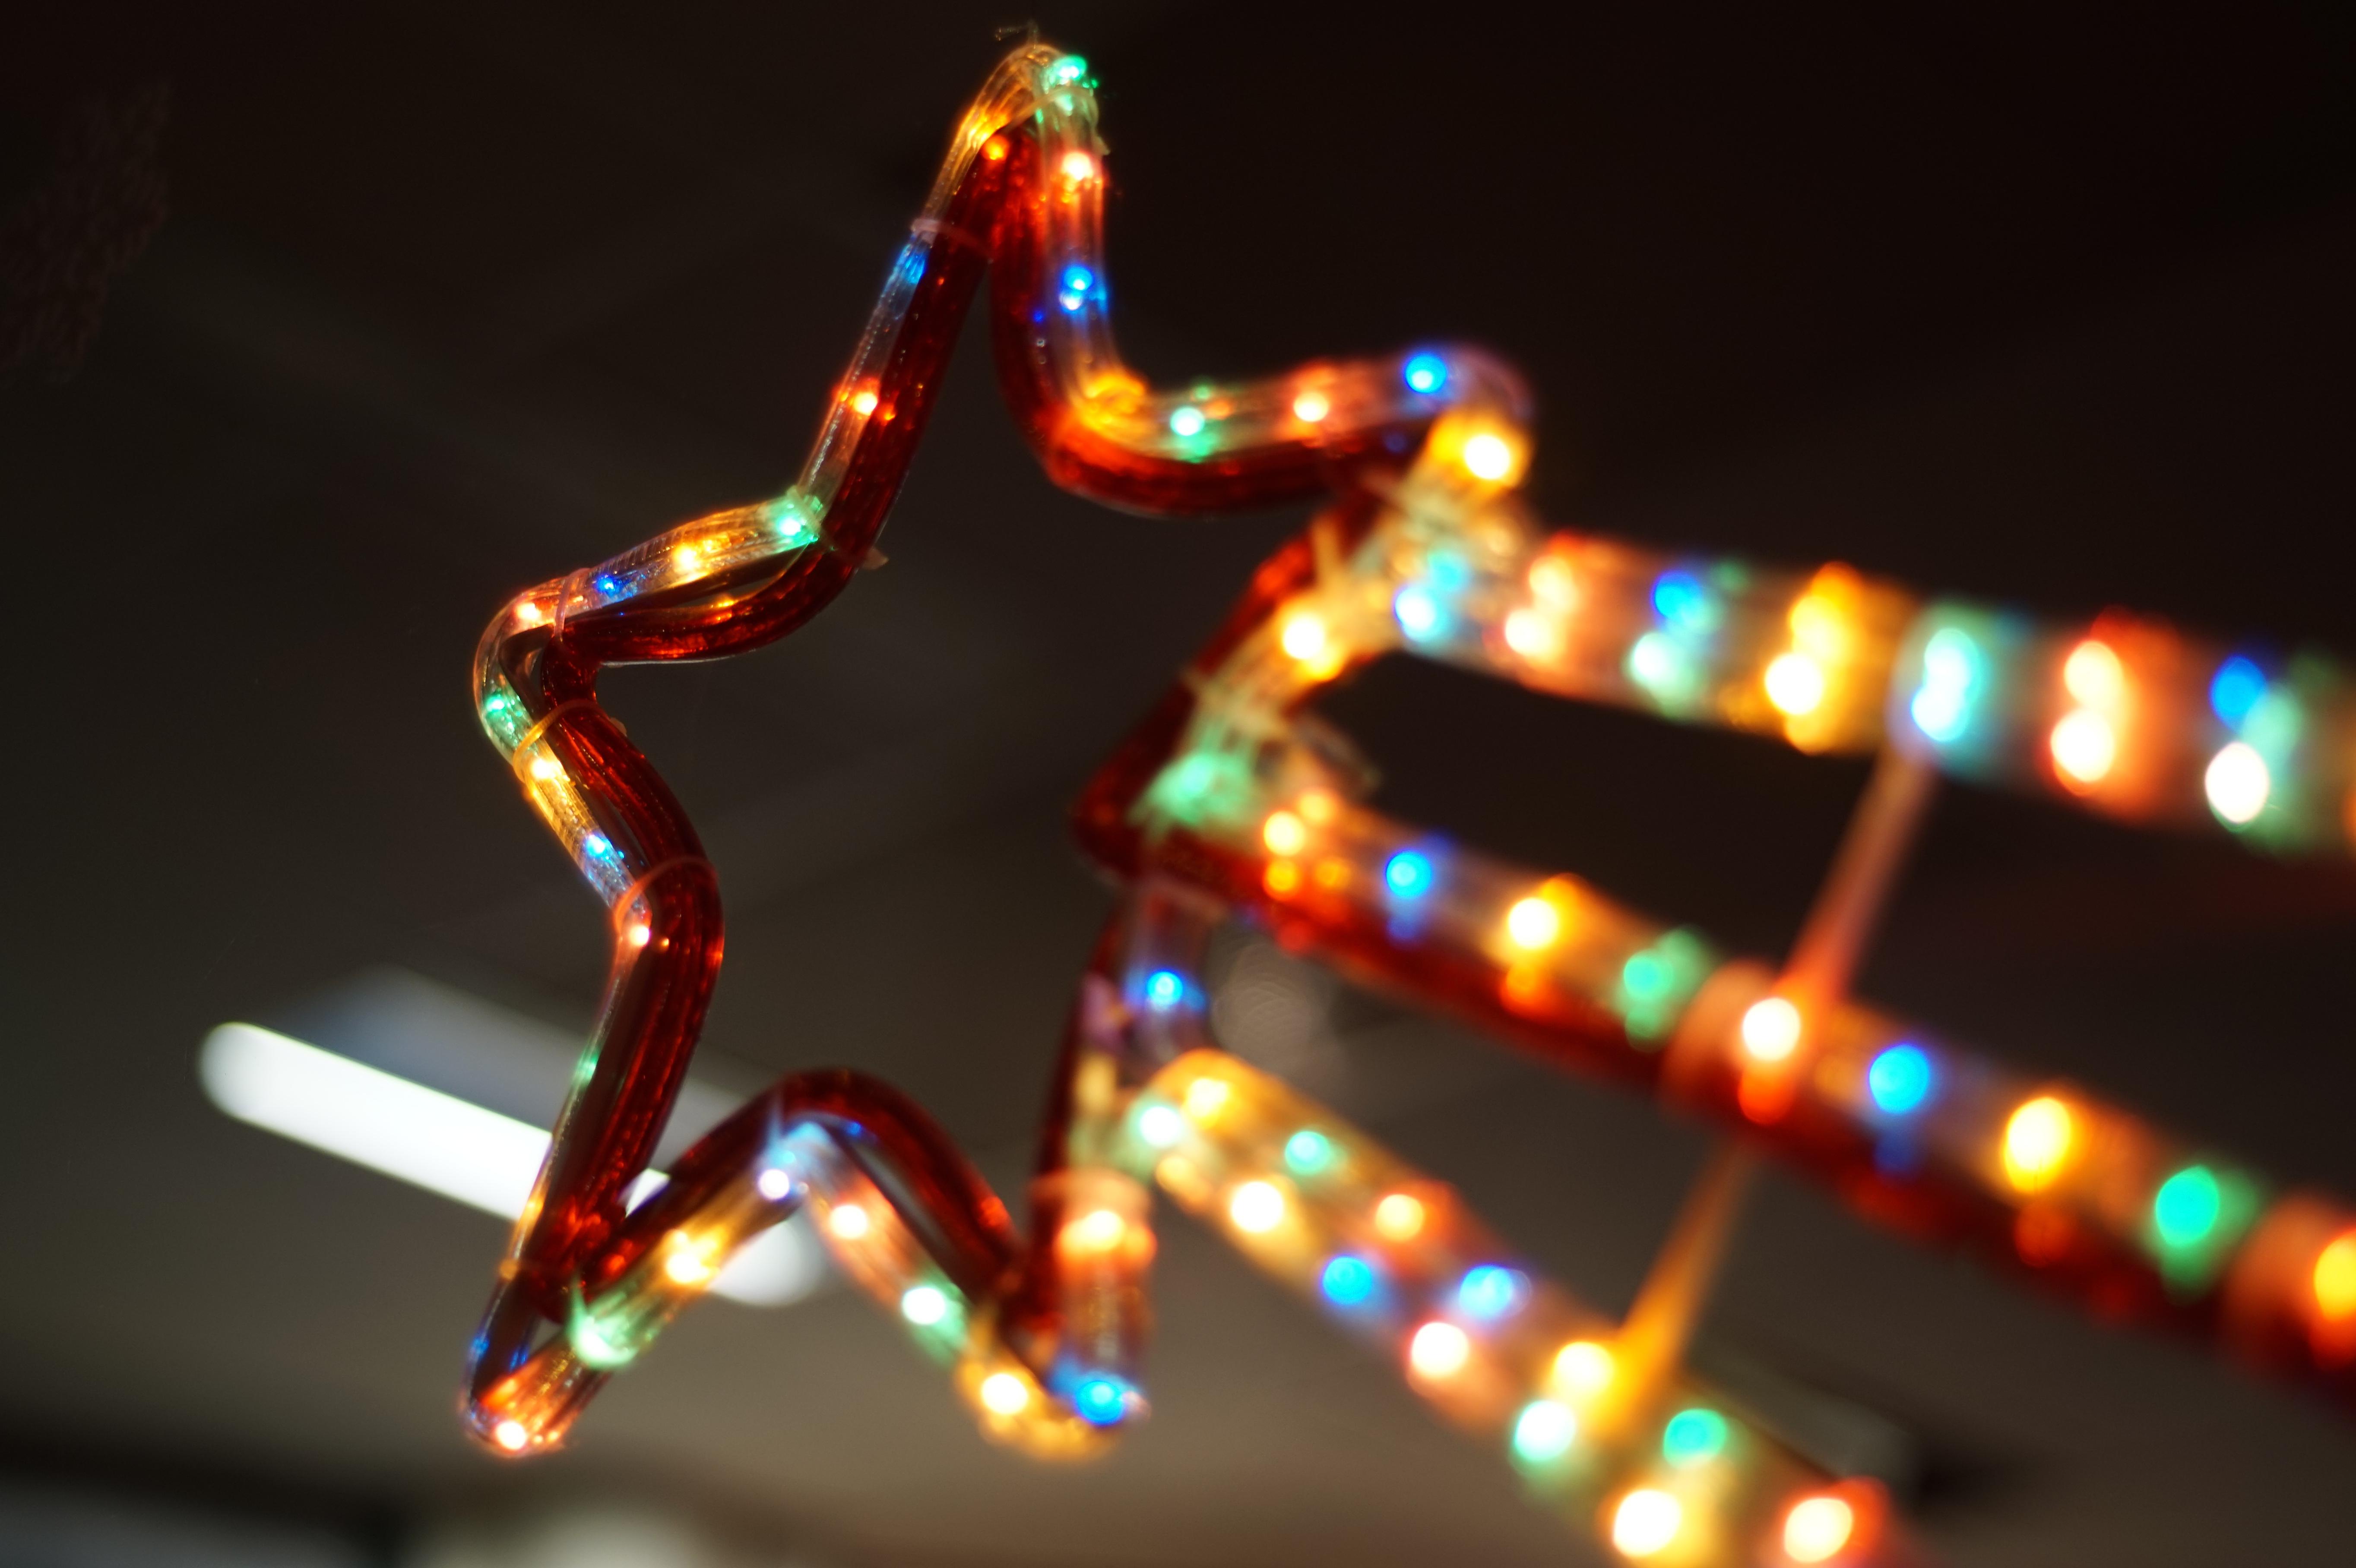 Free Christmas Lights.Free Images Light Color Lighting Christmas Tree